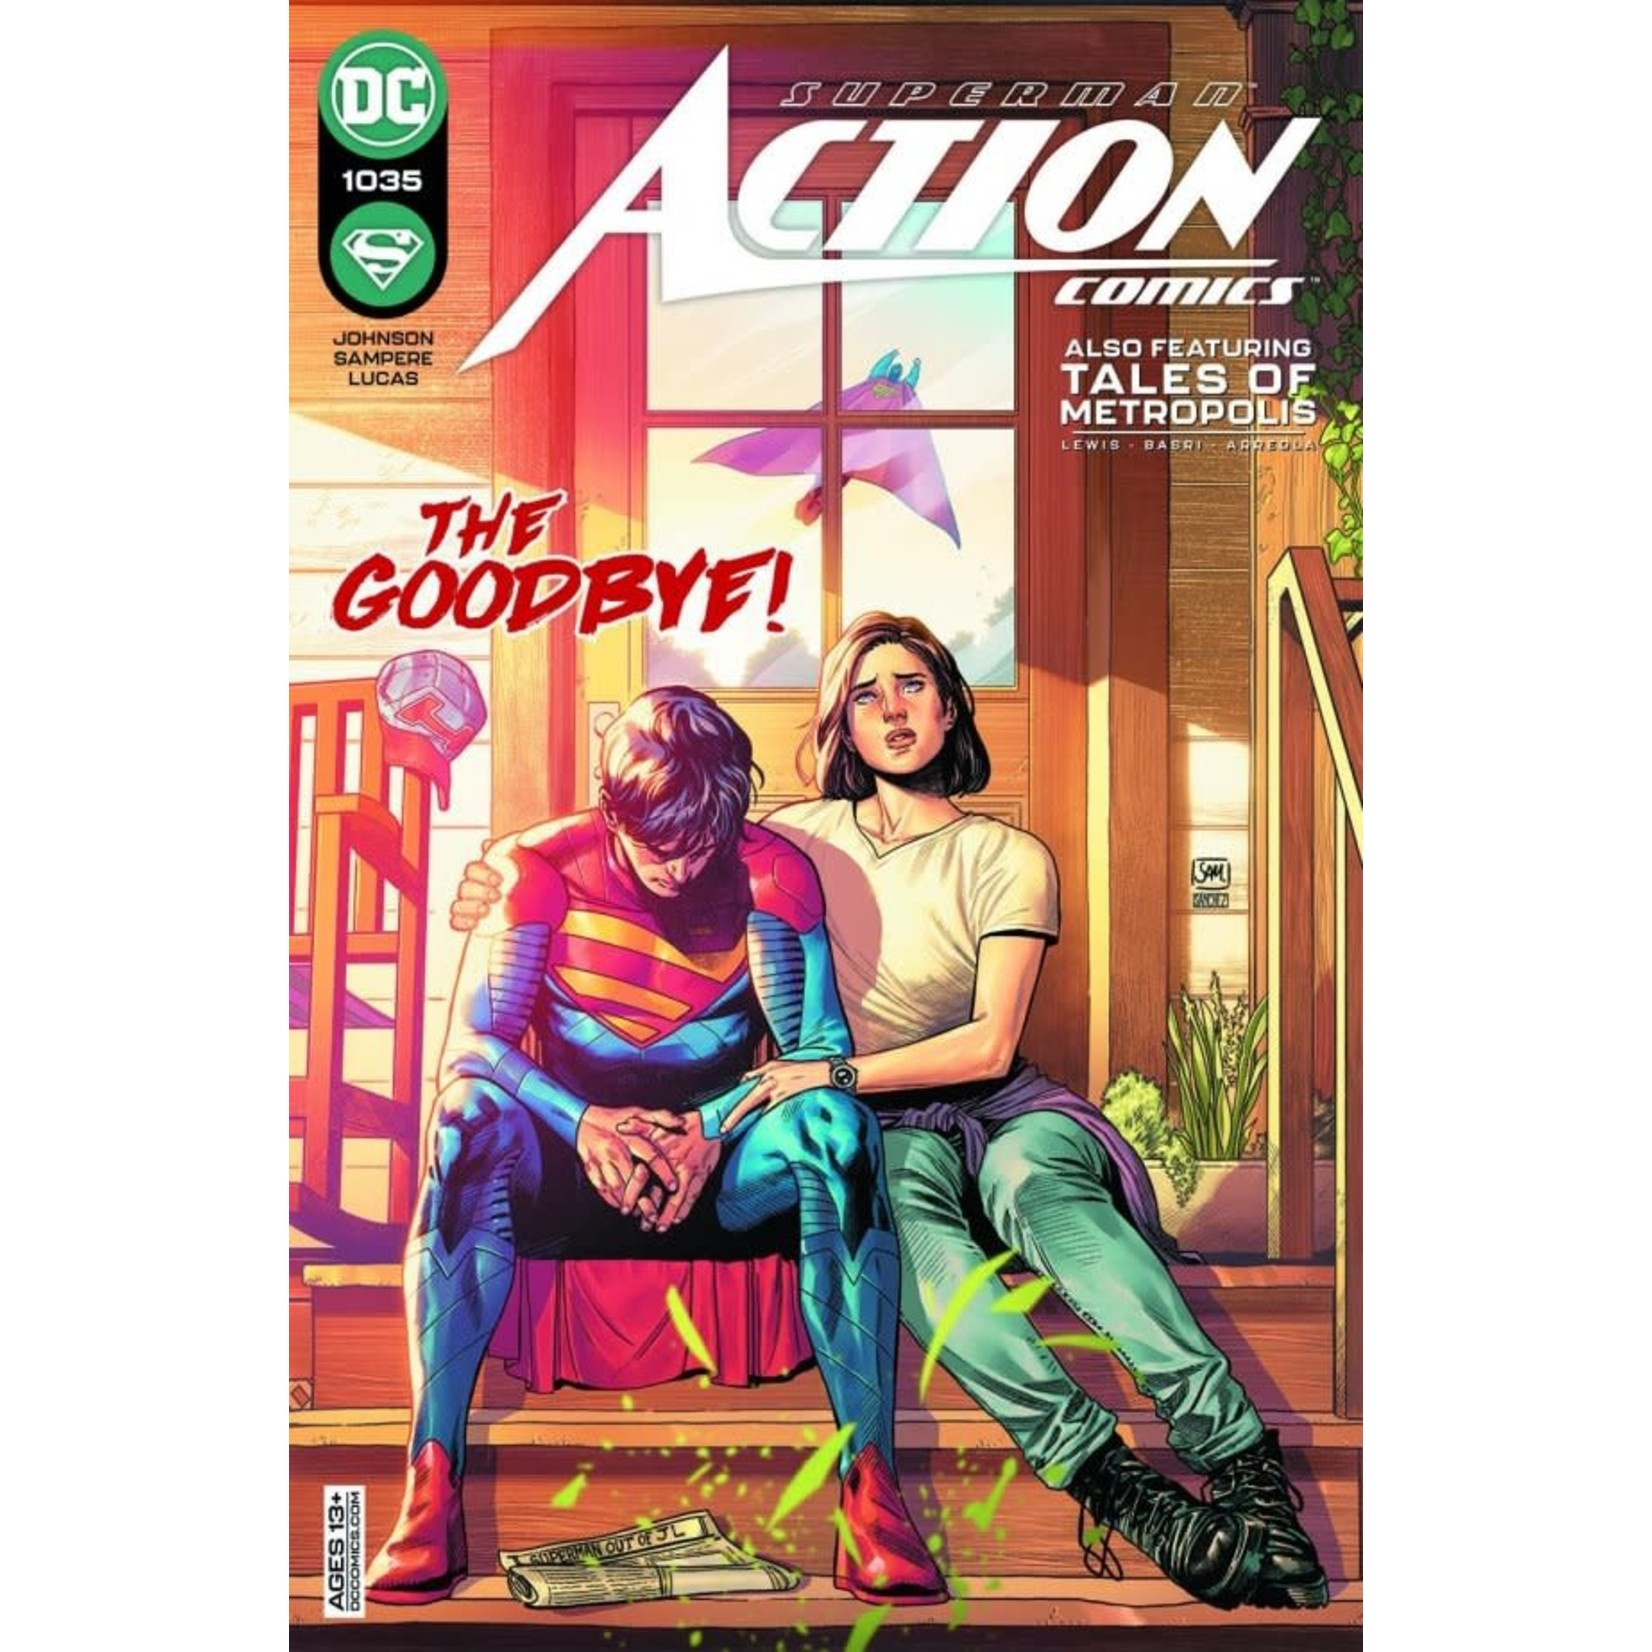 DC Comics Action Comics #1035